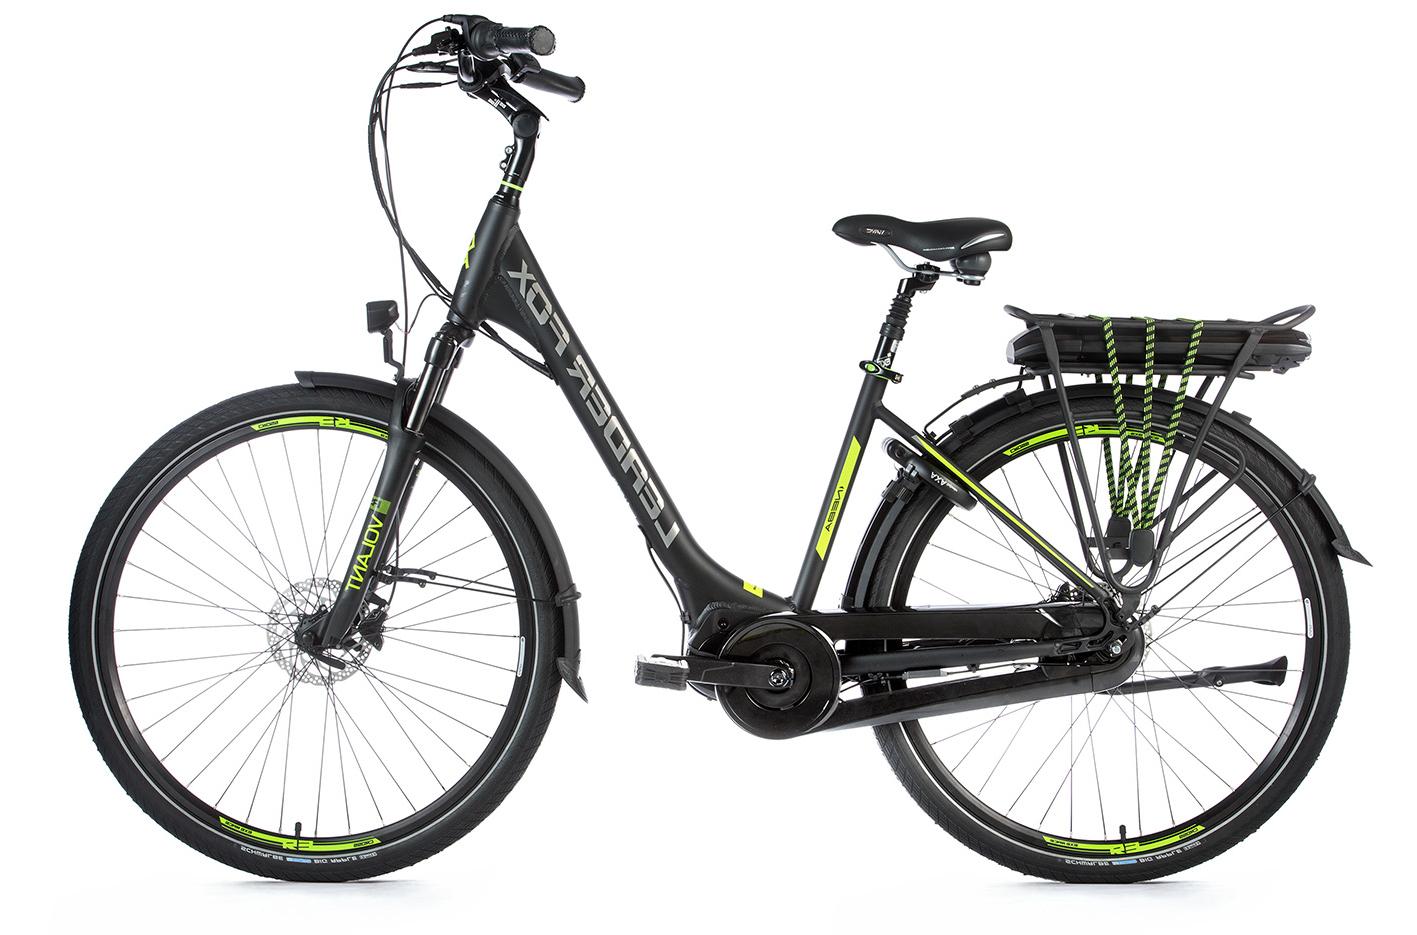 fiets leasen, zakelijk fiets leasen, leasefiets, fietslease, fiets prive lease